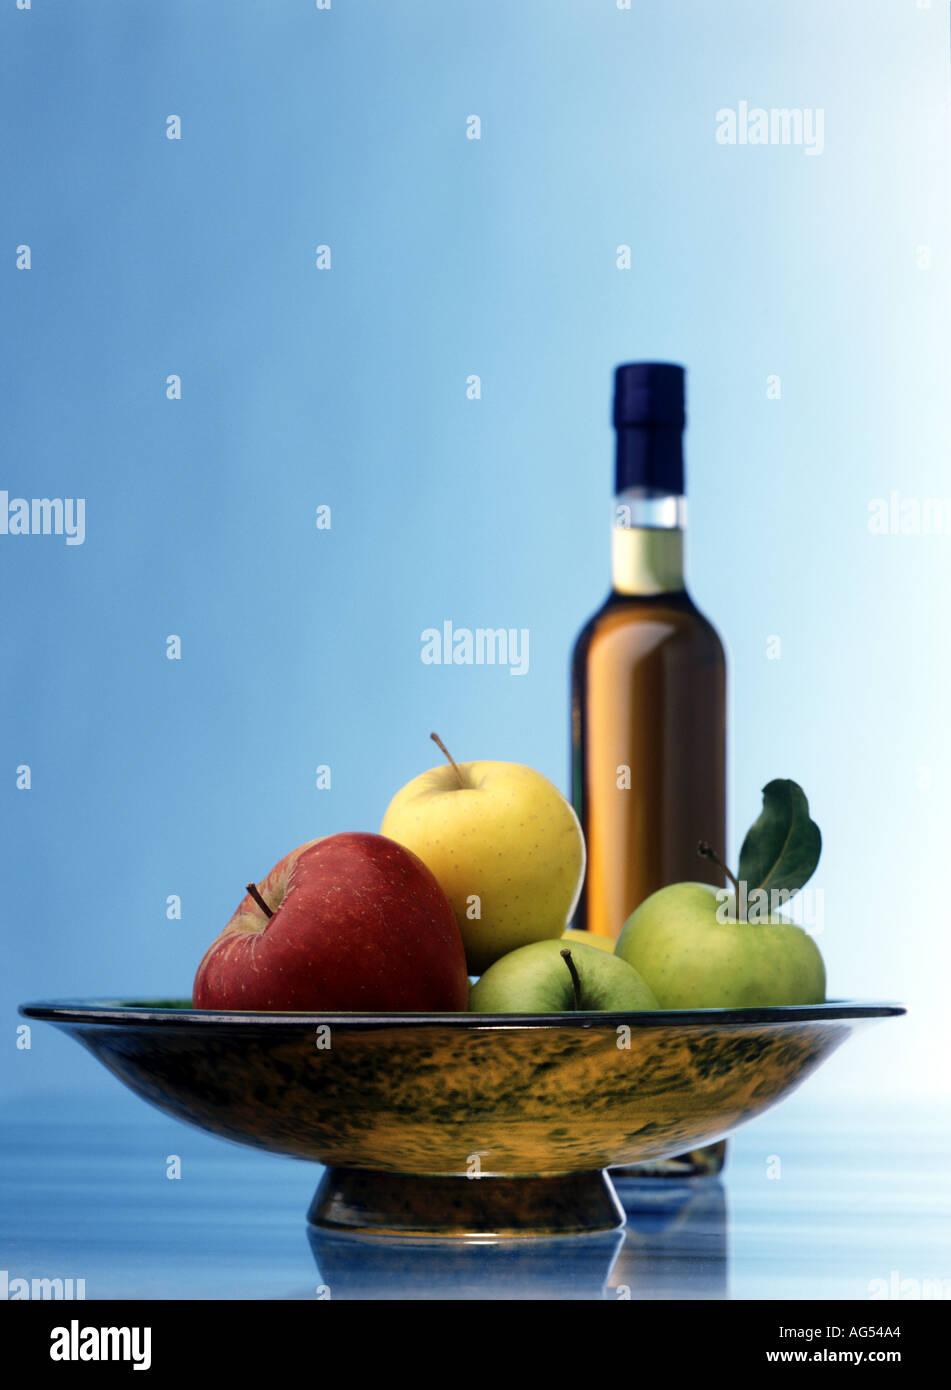 Kochen Küche Essen Gastronomie Kochen leckere Alkohol alkoholische ...